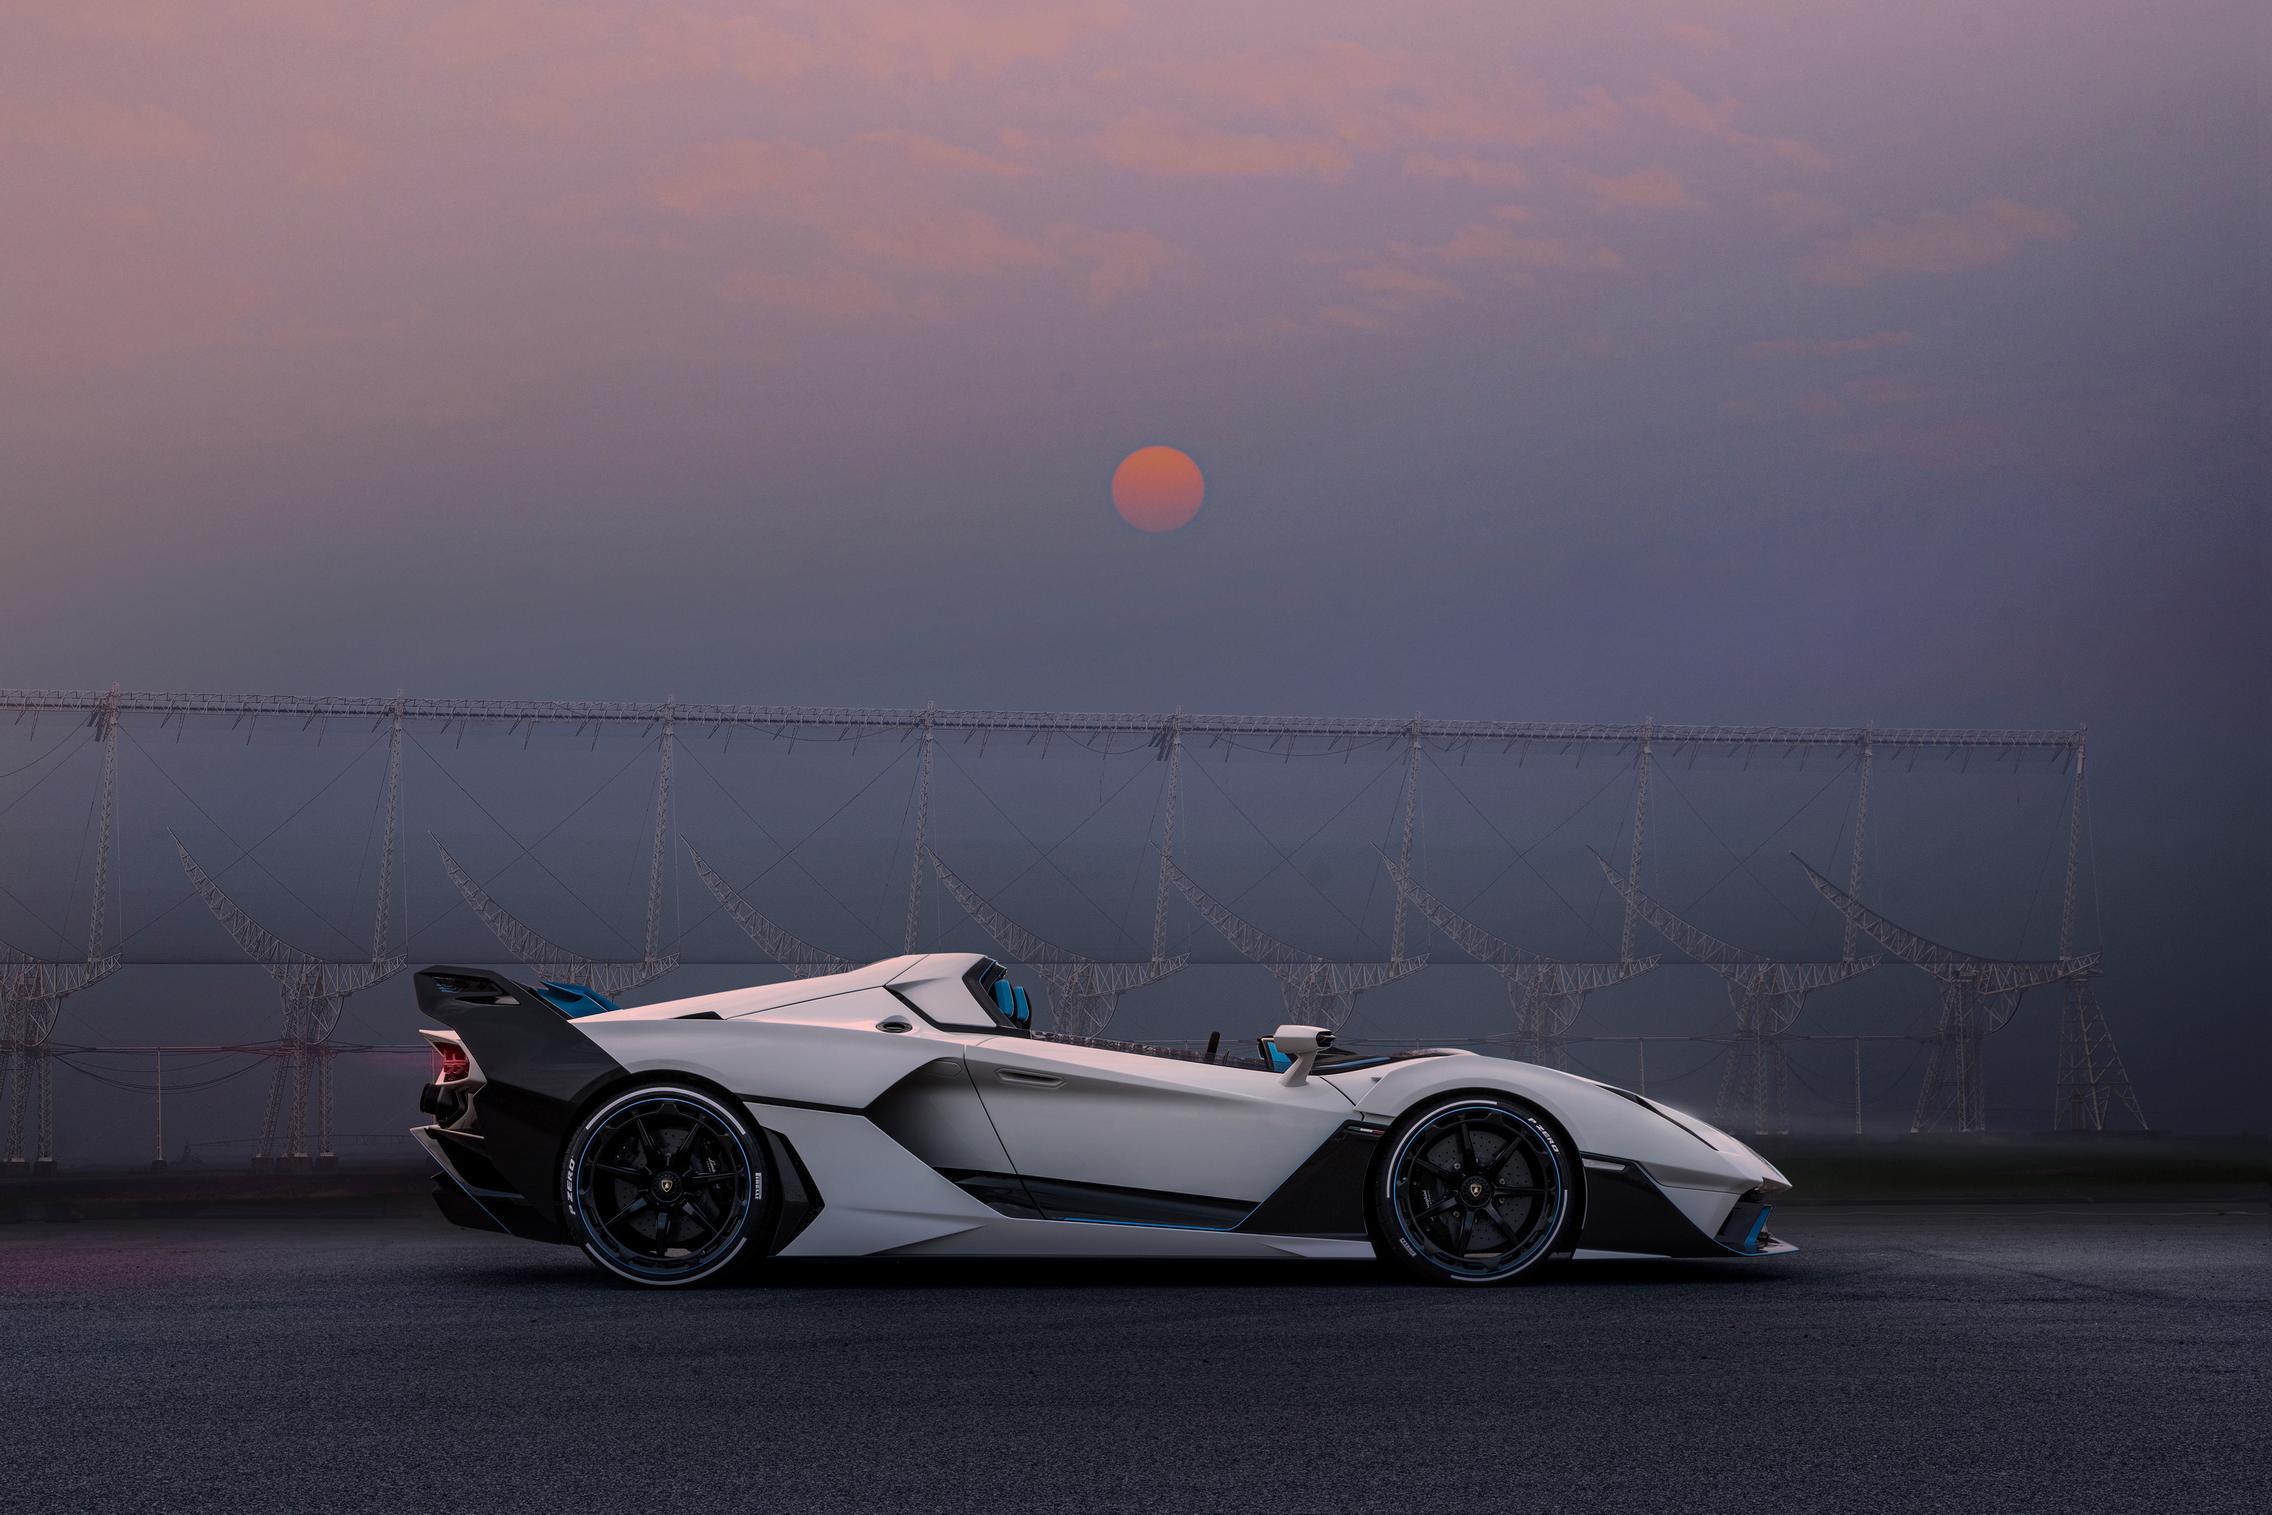 Lamborghini SC20 side